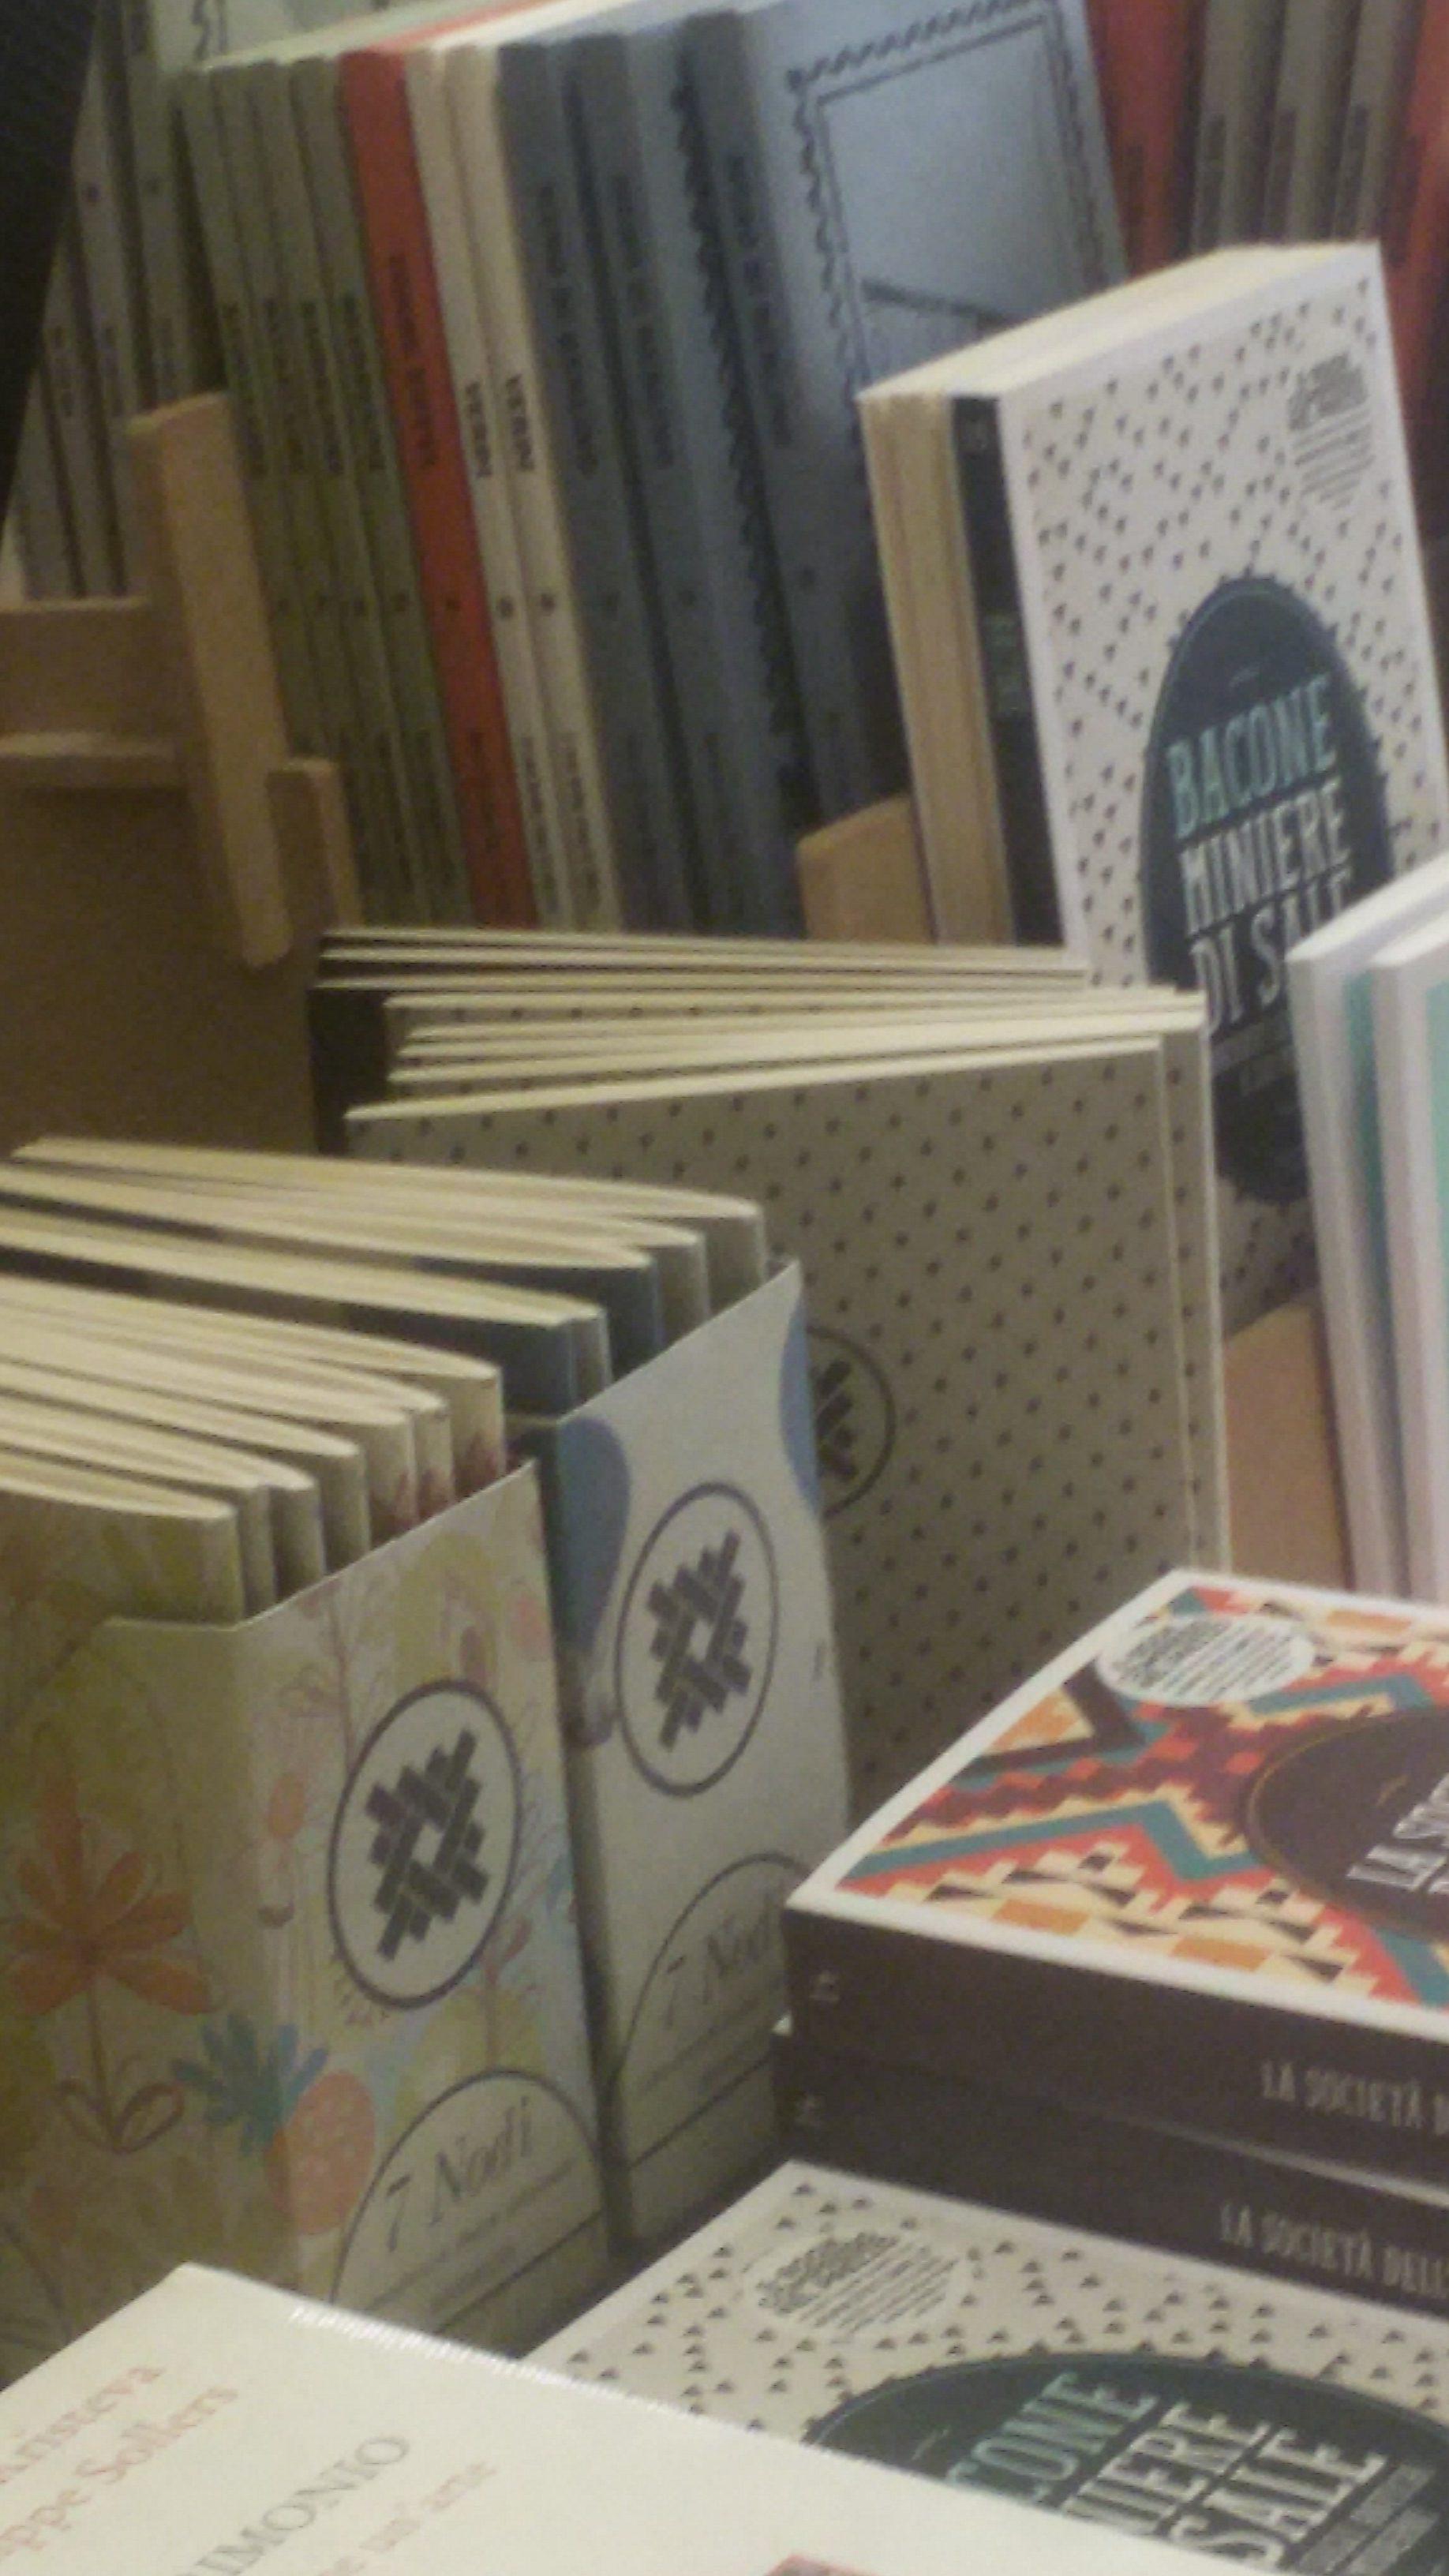 Quaderni 7 Nodi presso la libreria Assaggi (S. Lorenzo Roma)